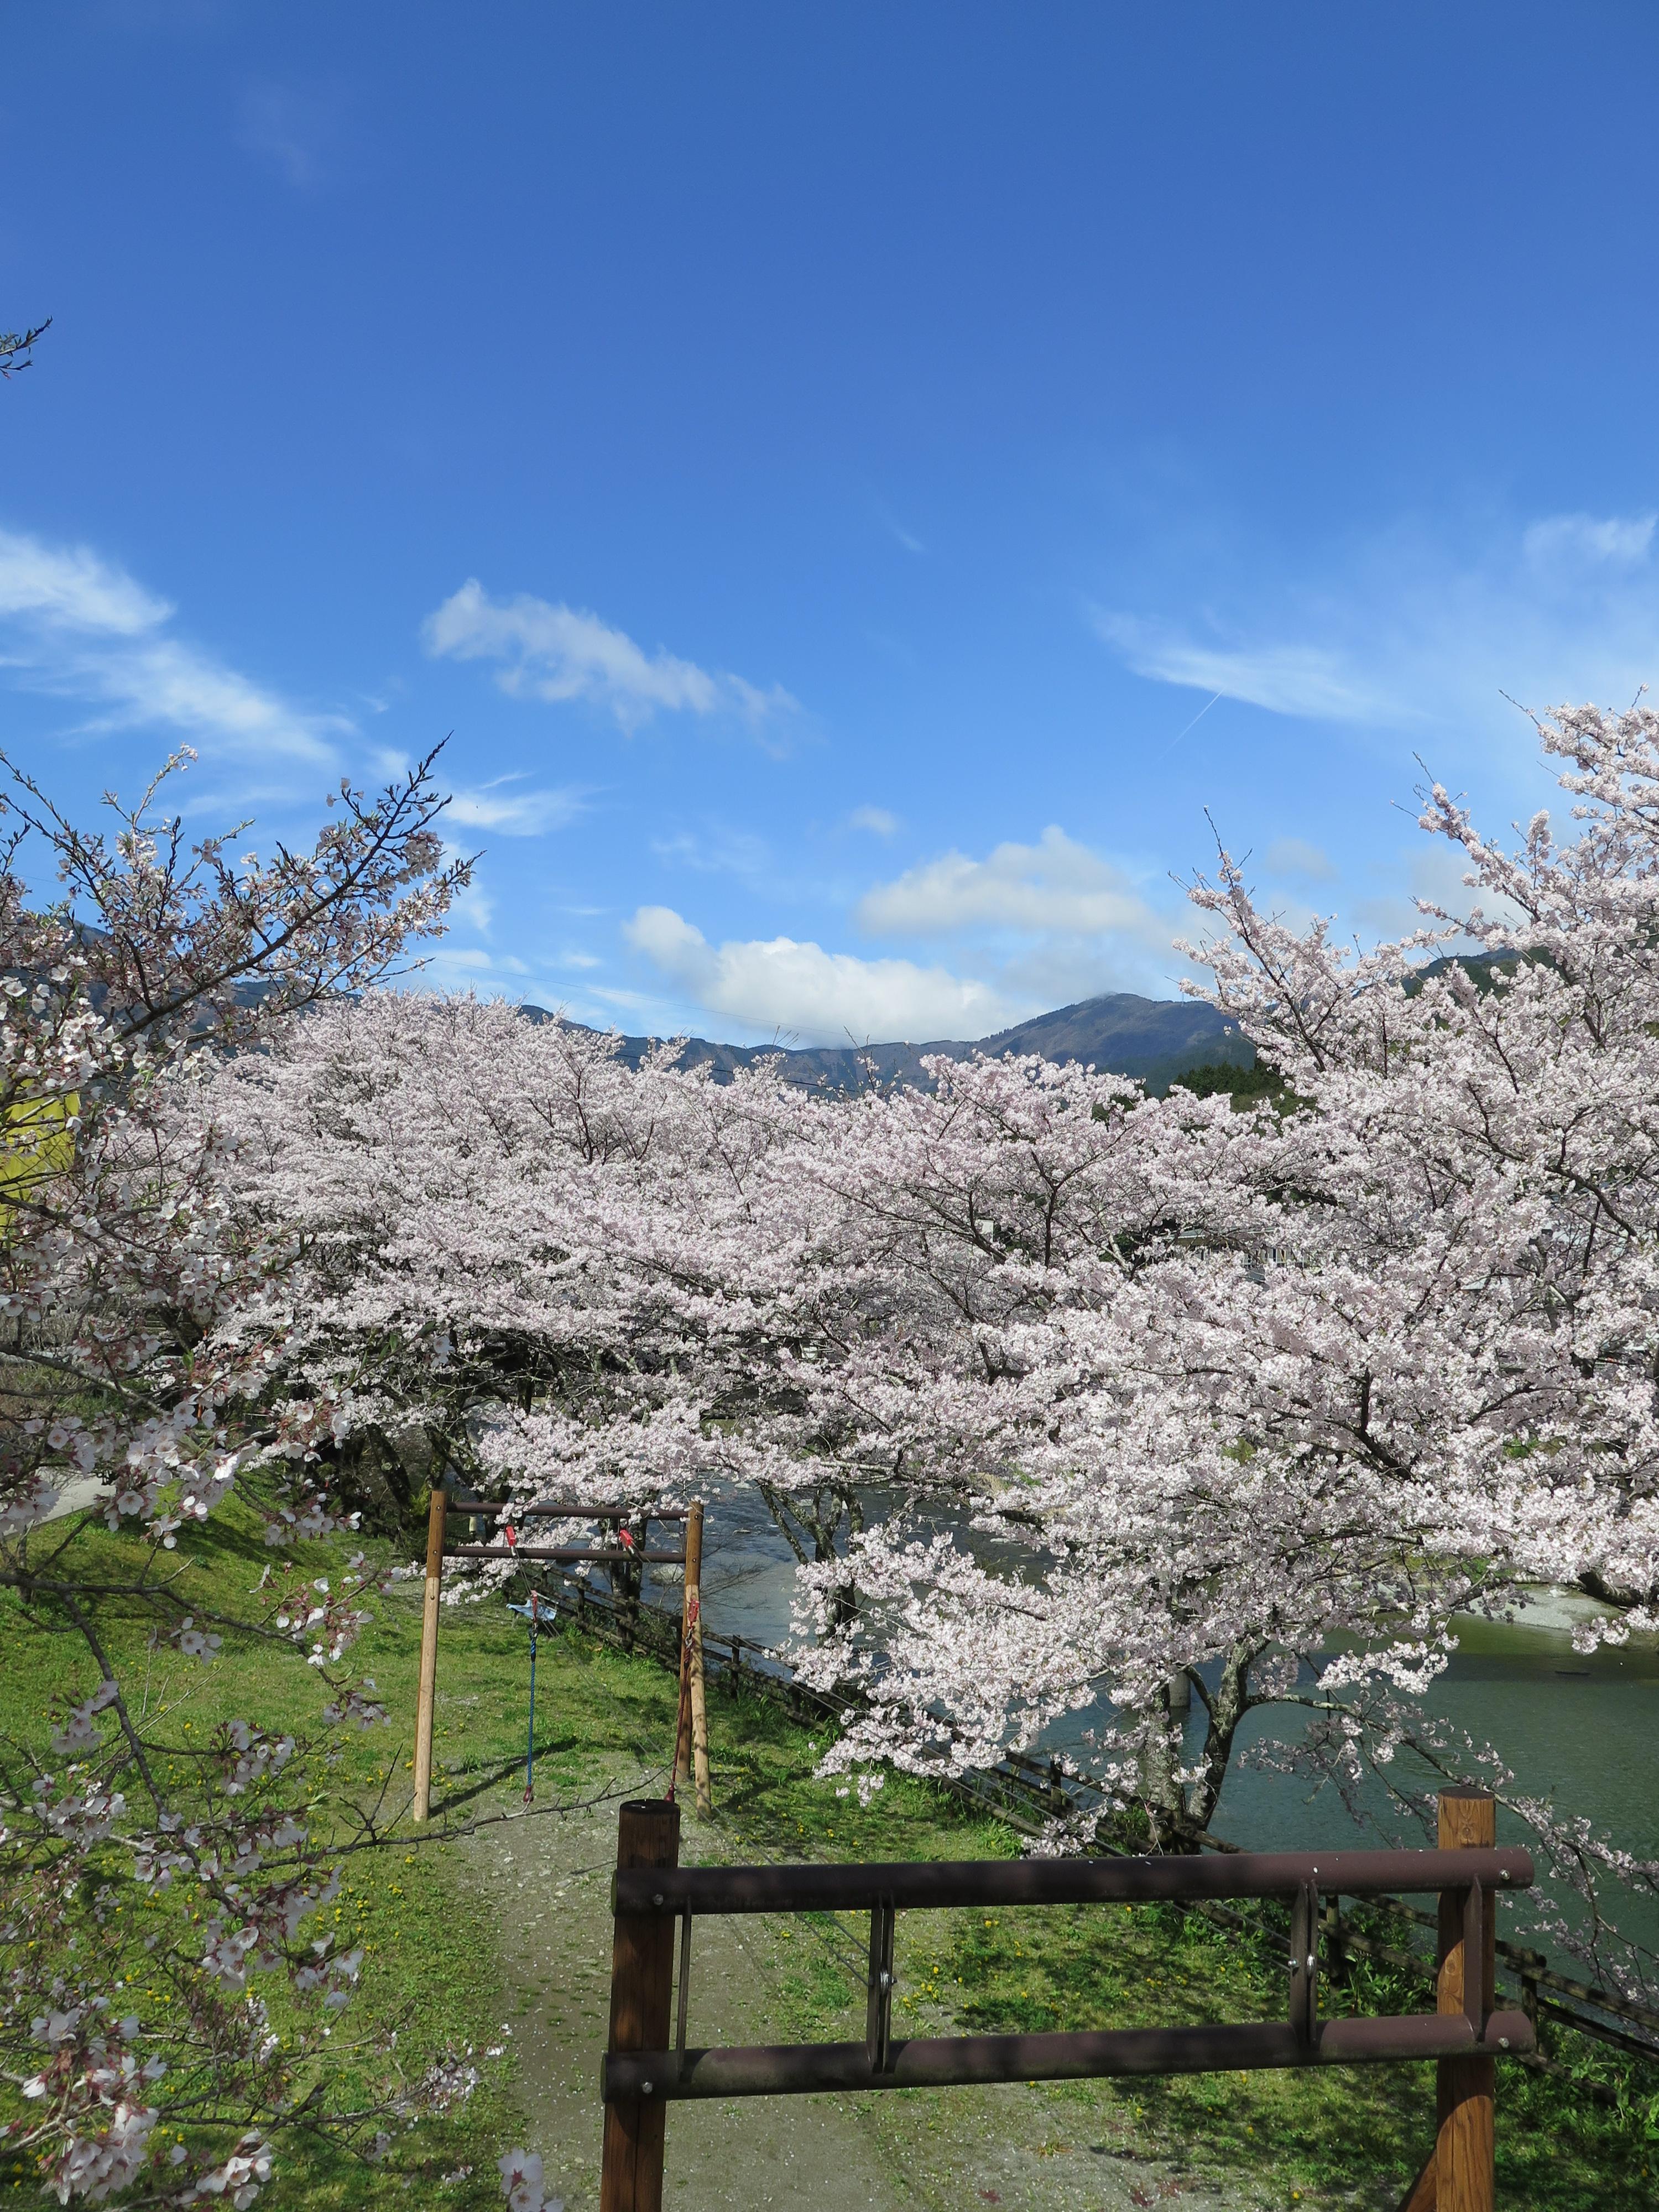 【アクセス注意!】ロードバイクで訪れてみたよ!ひょうたん桜&桜の名所3選。